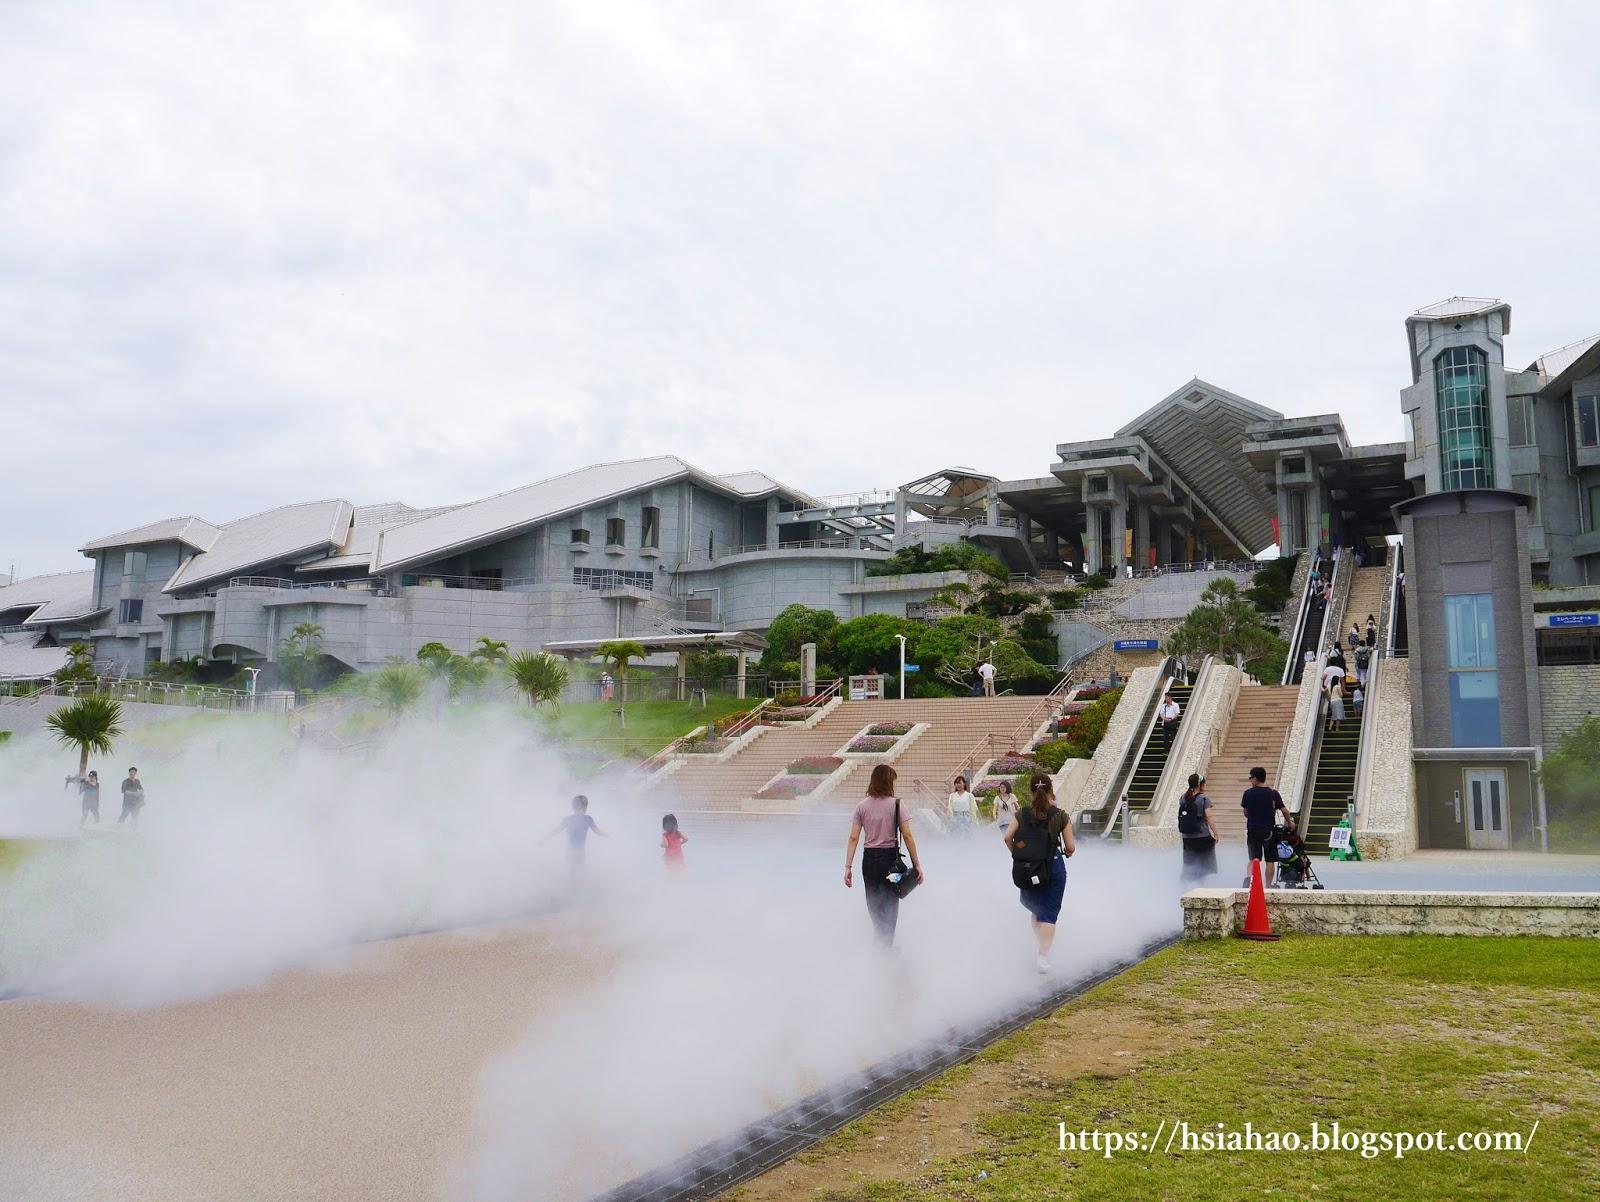 沖繩-海洋博公園-美麗海水族館-景點-海洋博公園交通-自由行-旅遊-旅行-okinawa-ocean-expo-park-Churaumi